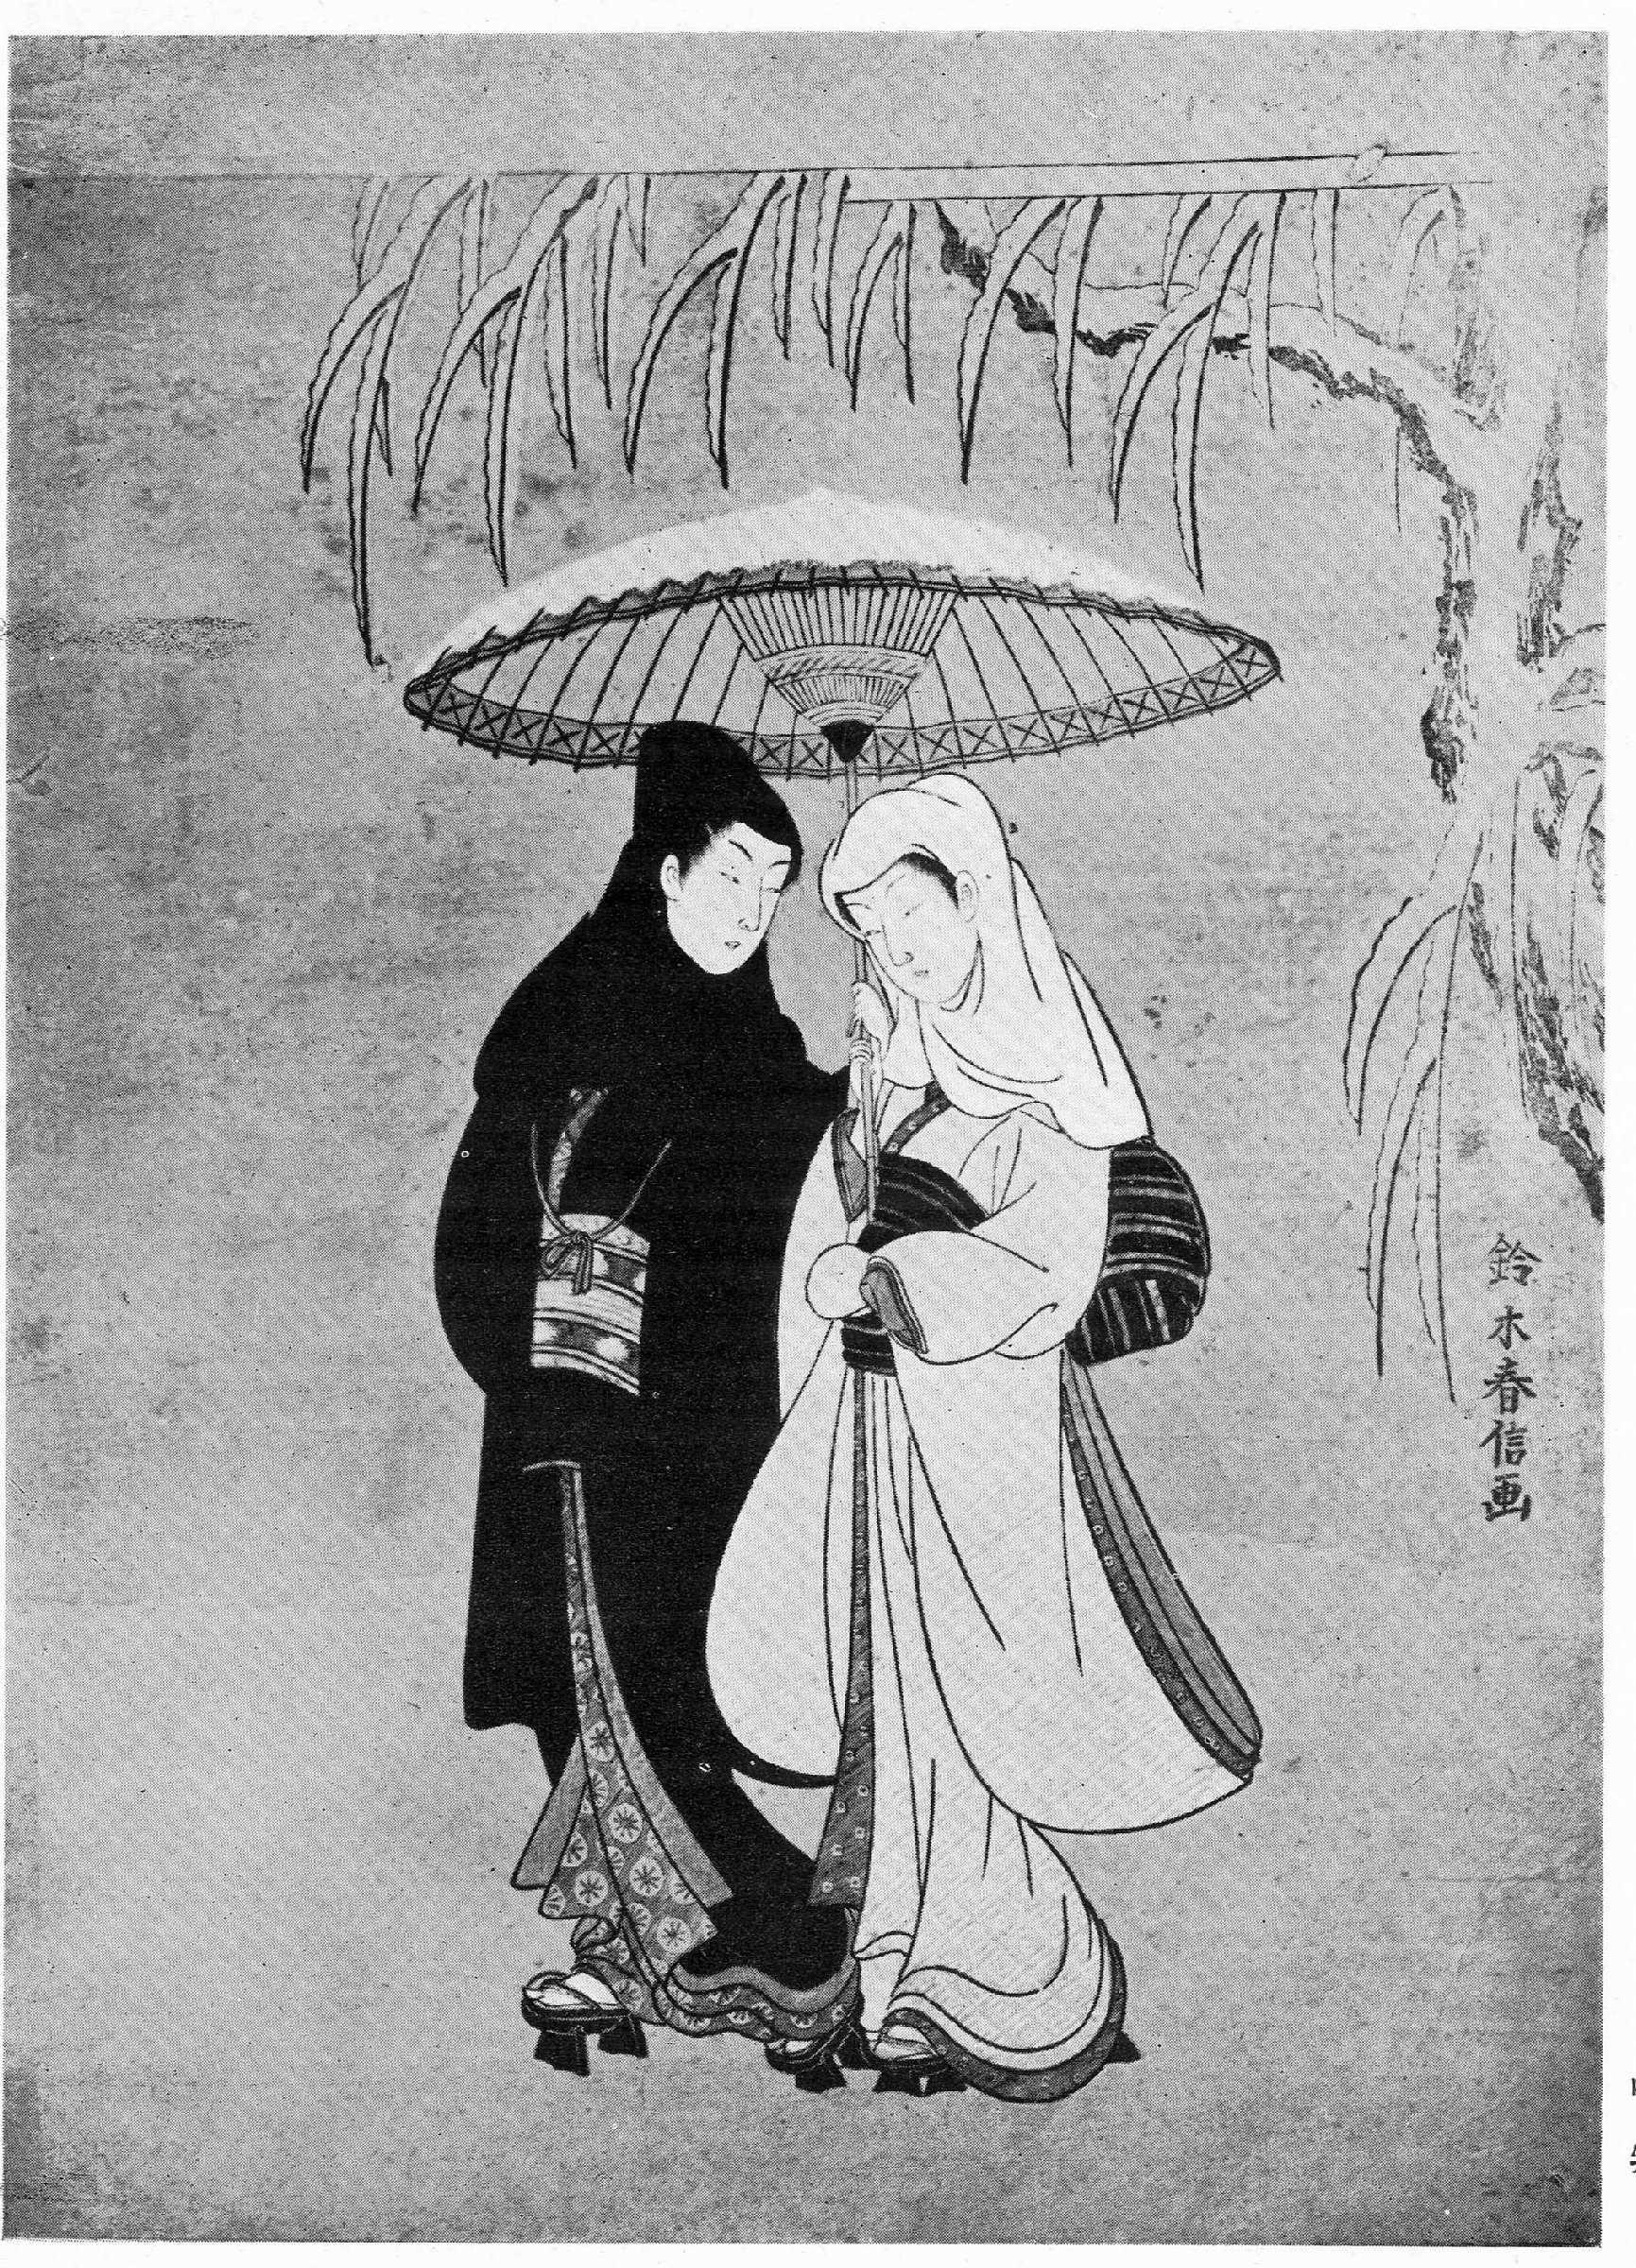 鈴木春信の画像 p1_4